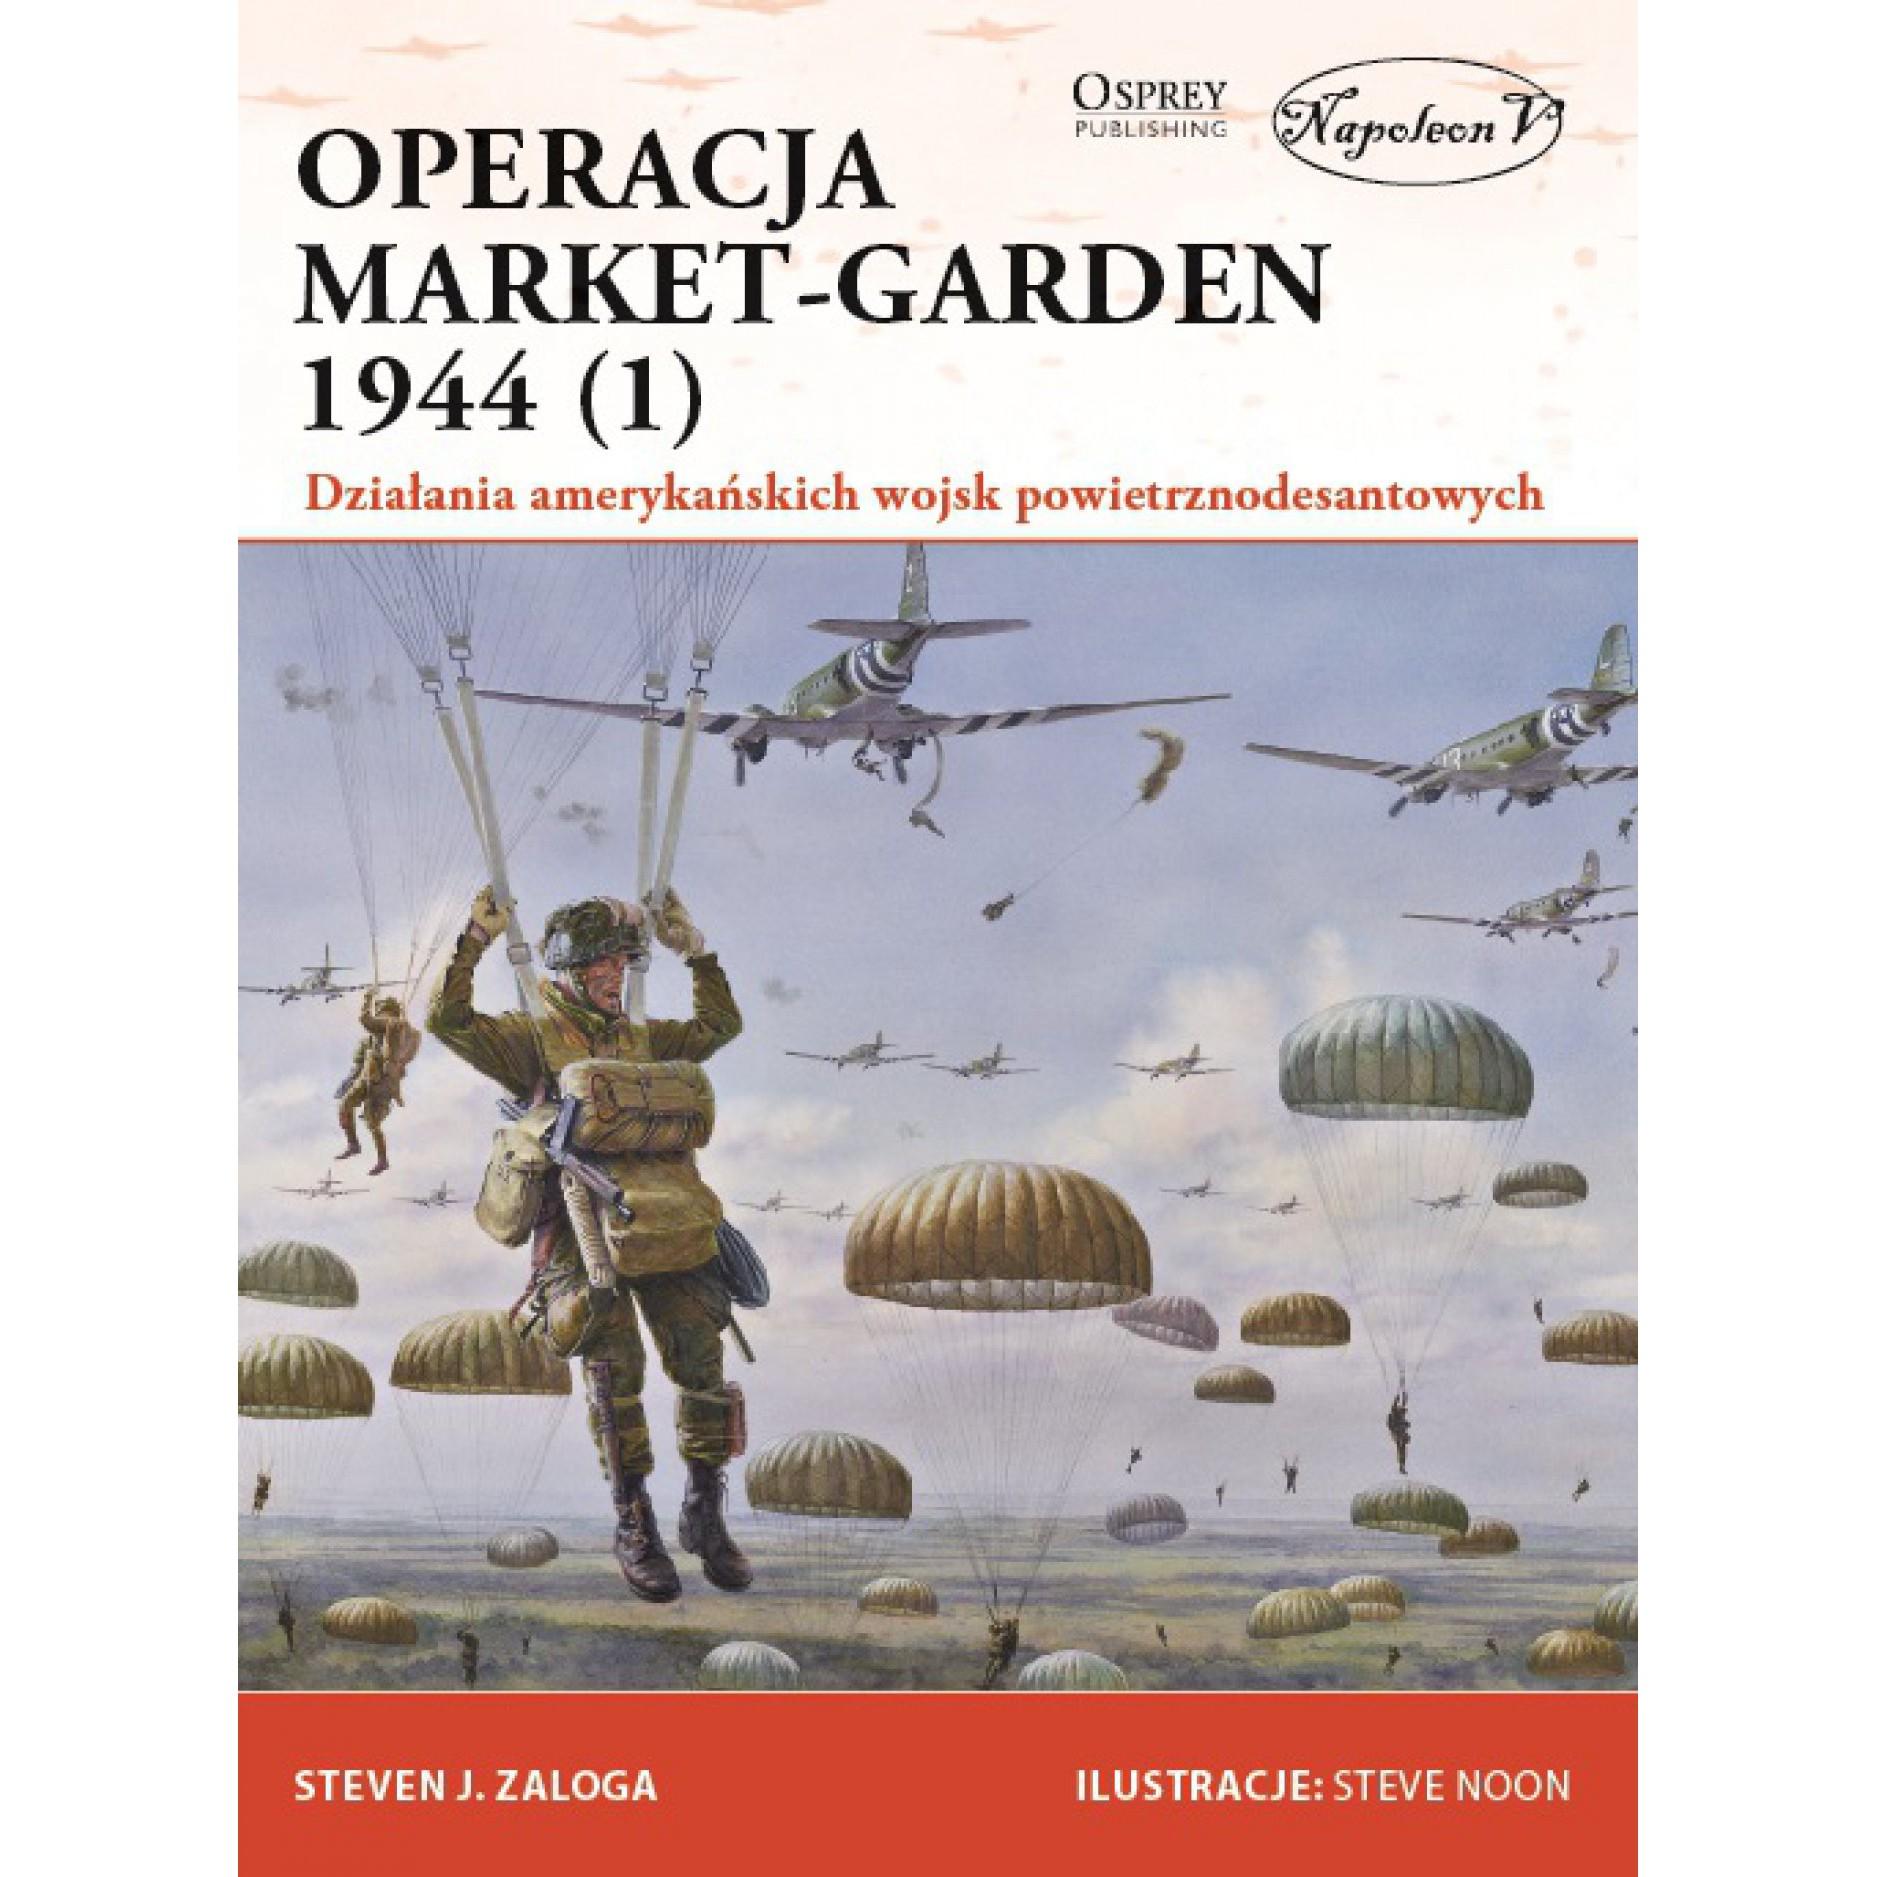 Operacja Market-Garden 1944 (1). Działania amerykańskich wojsk powietrznodesantowych